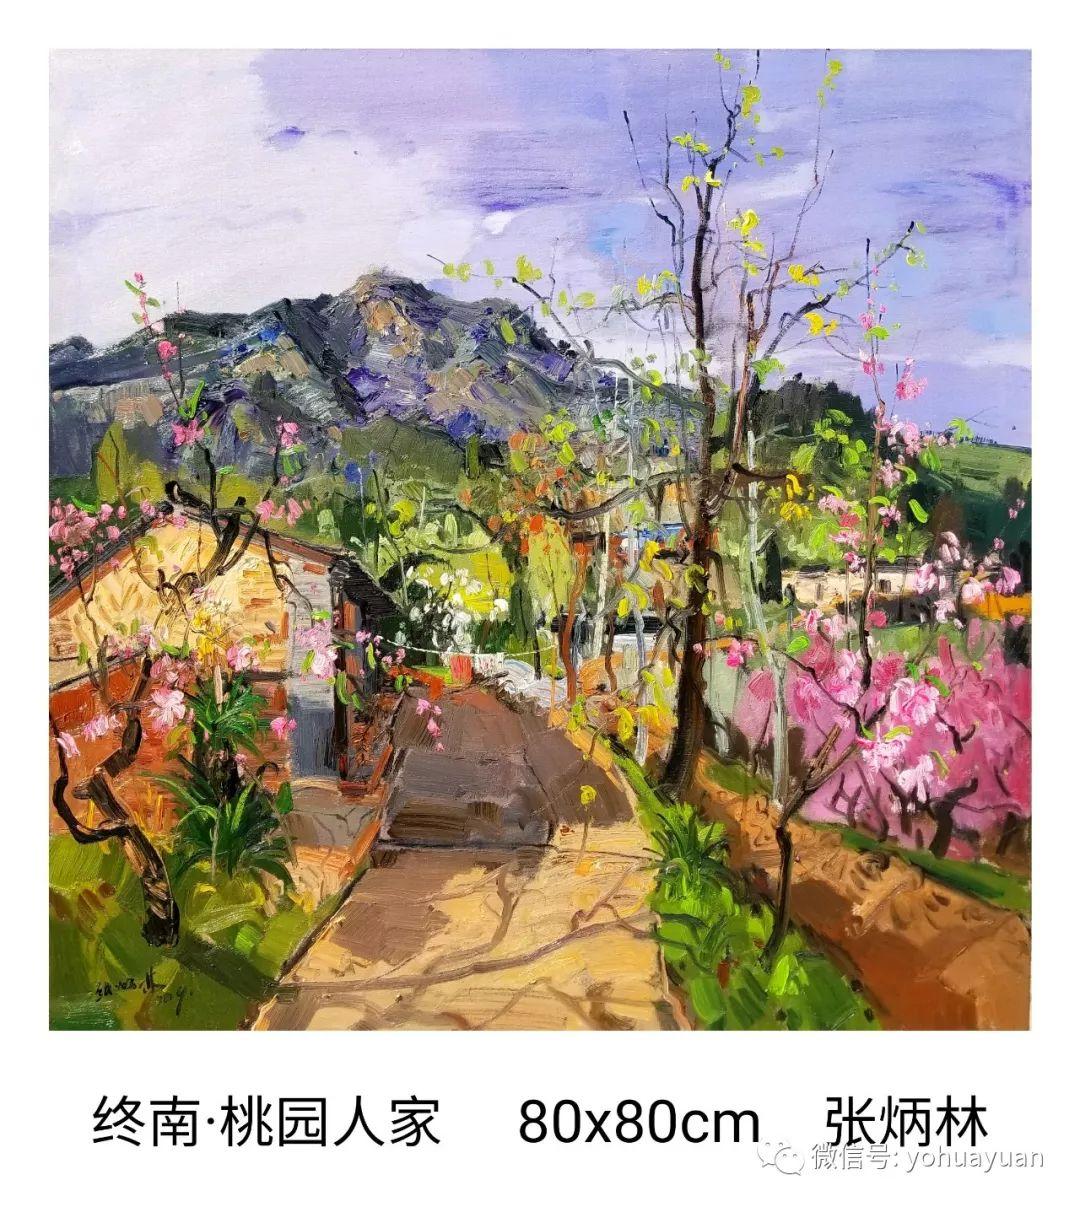 油画作品拍卖(内蒙古草原写生) 第54张 油画作品拍卖(内蒙古草原写生) 蒙古画廊